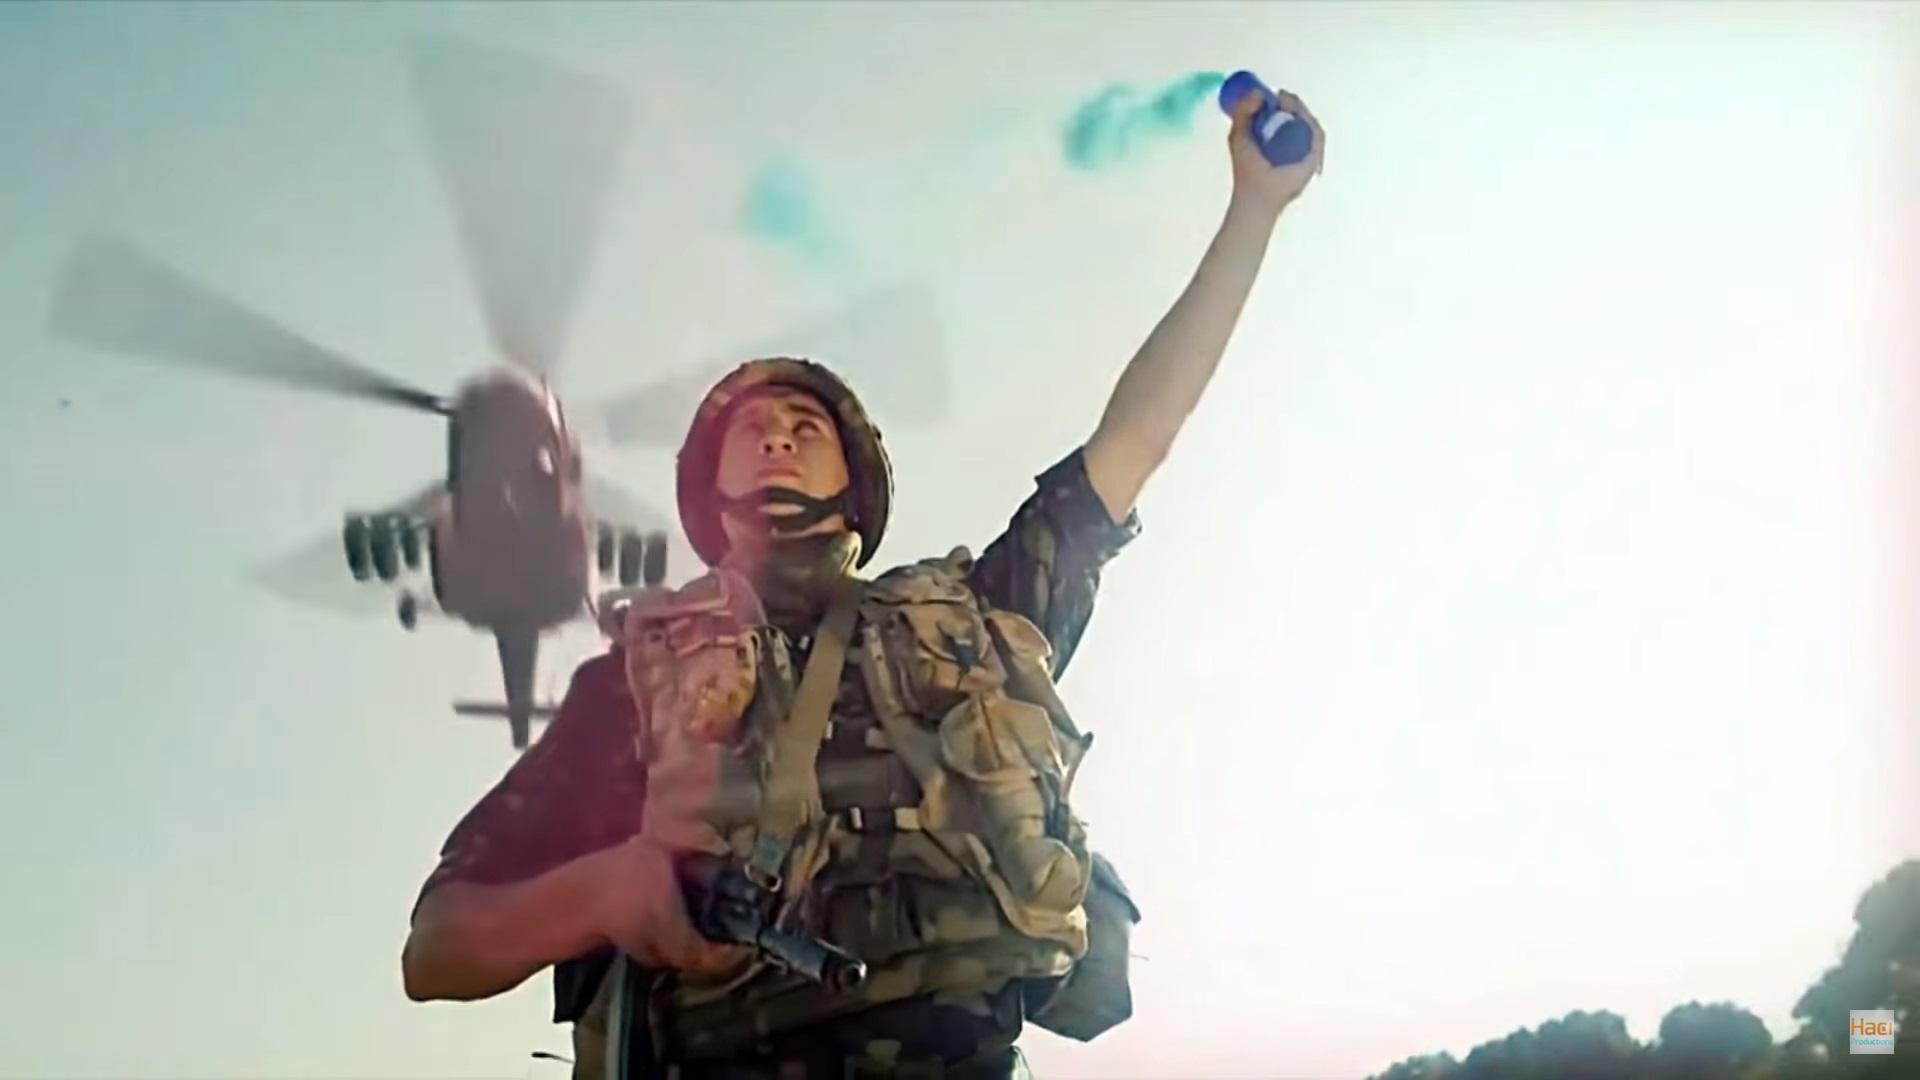 НЕВЕРОЯТНО! Турки в благодарность Украине смонтировали шикарный ролик о ВСУ (ВИДЕО)